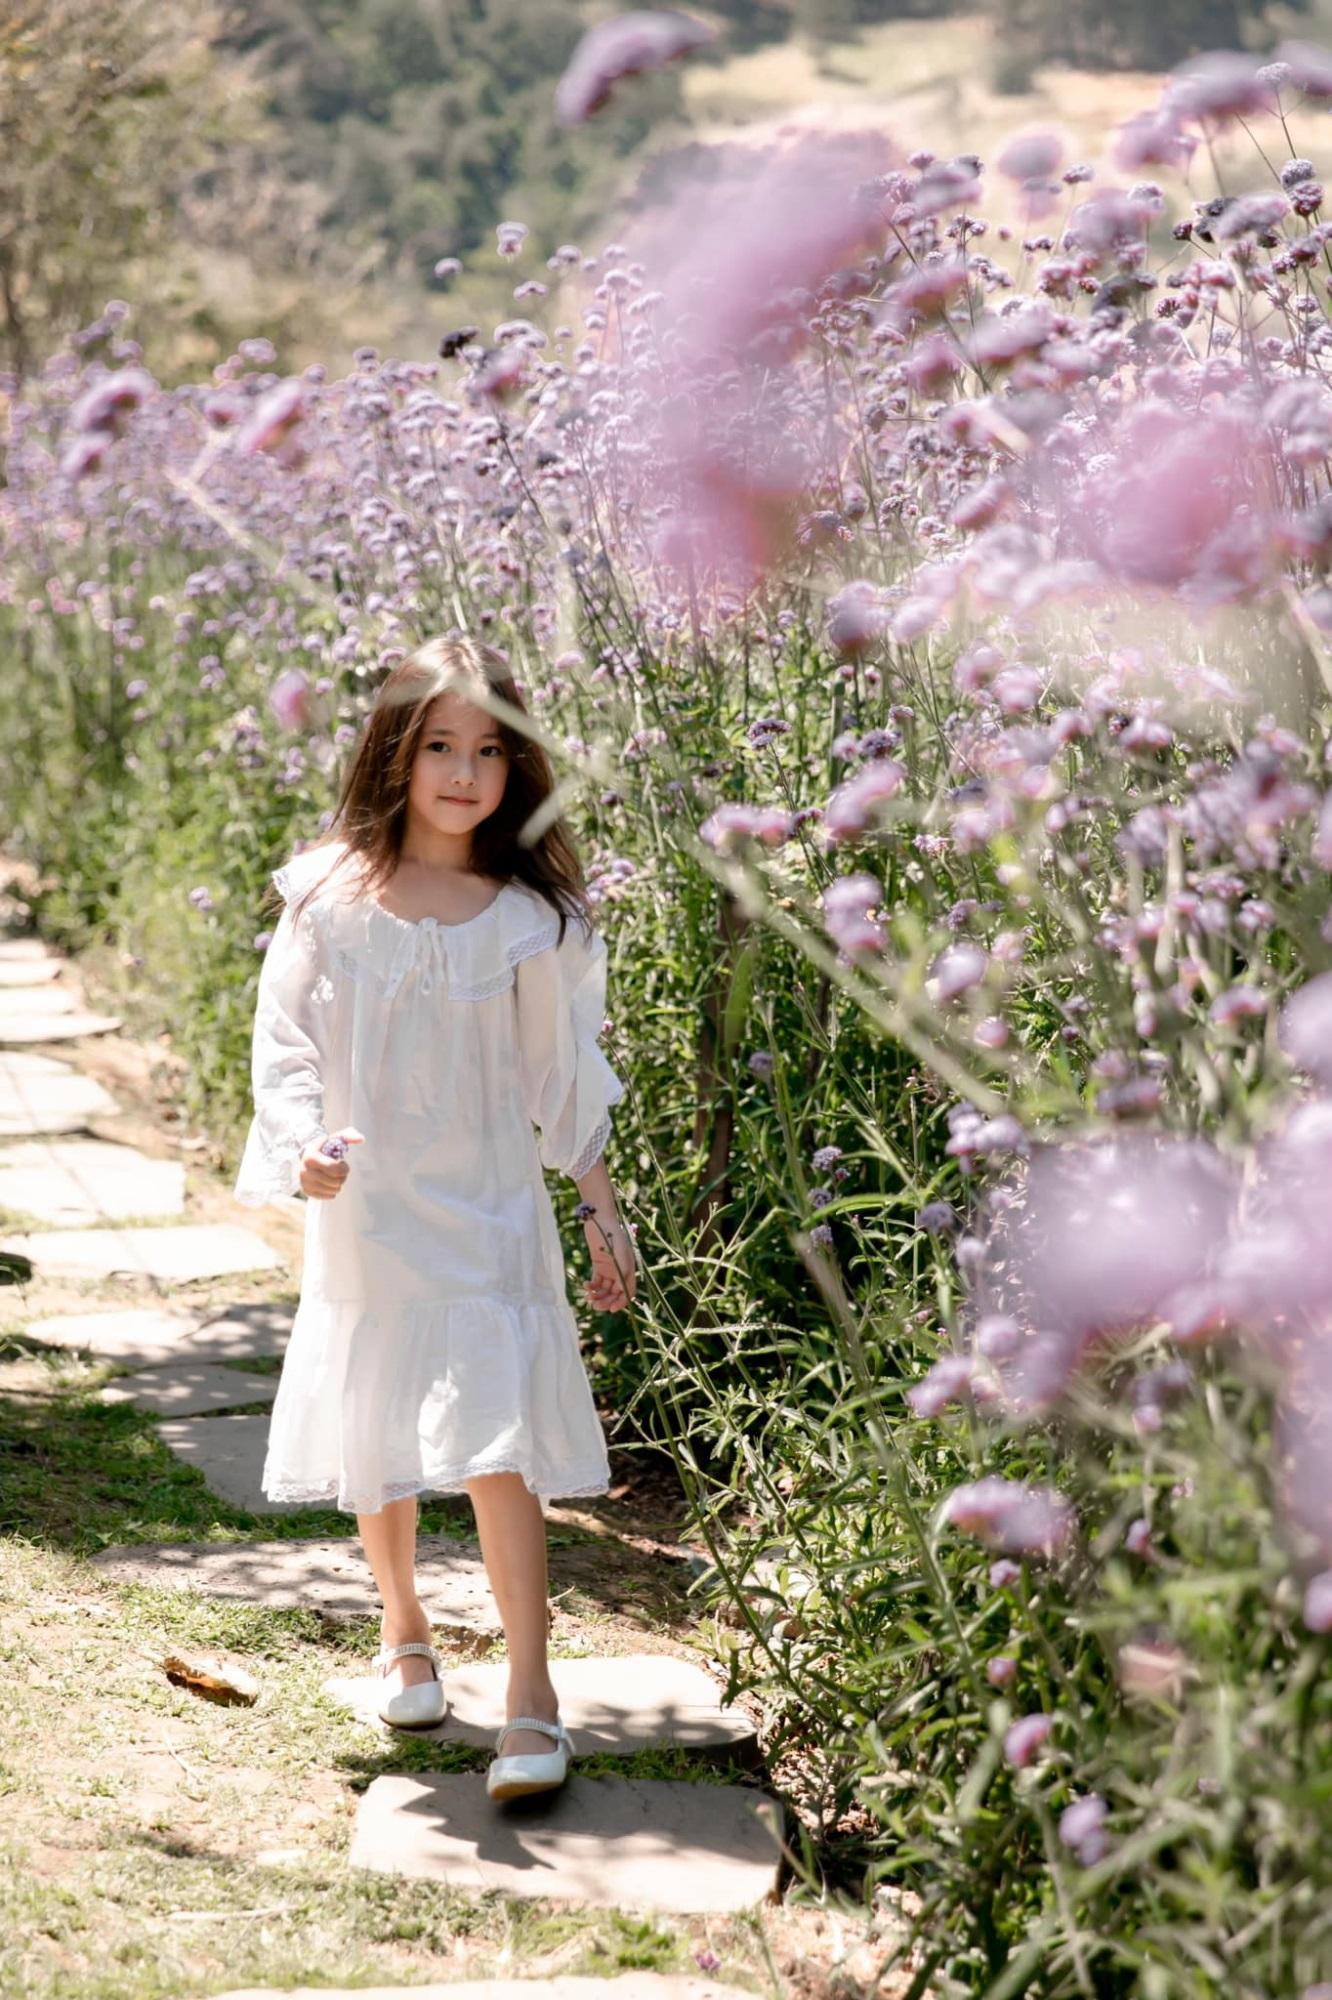 """Không hổ danh con gái Hoa hậu, công chúa nhỏ của Hà Kiều Anh sở hữu """"gen đẹp"""" của mẹ, càng lớn càng lộ khí chất đại mỹ nhân - Ảnh 2"""